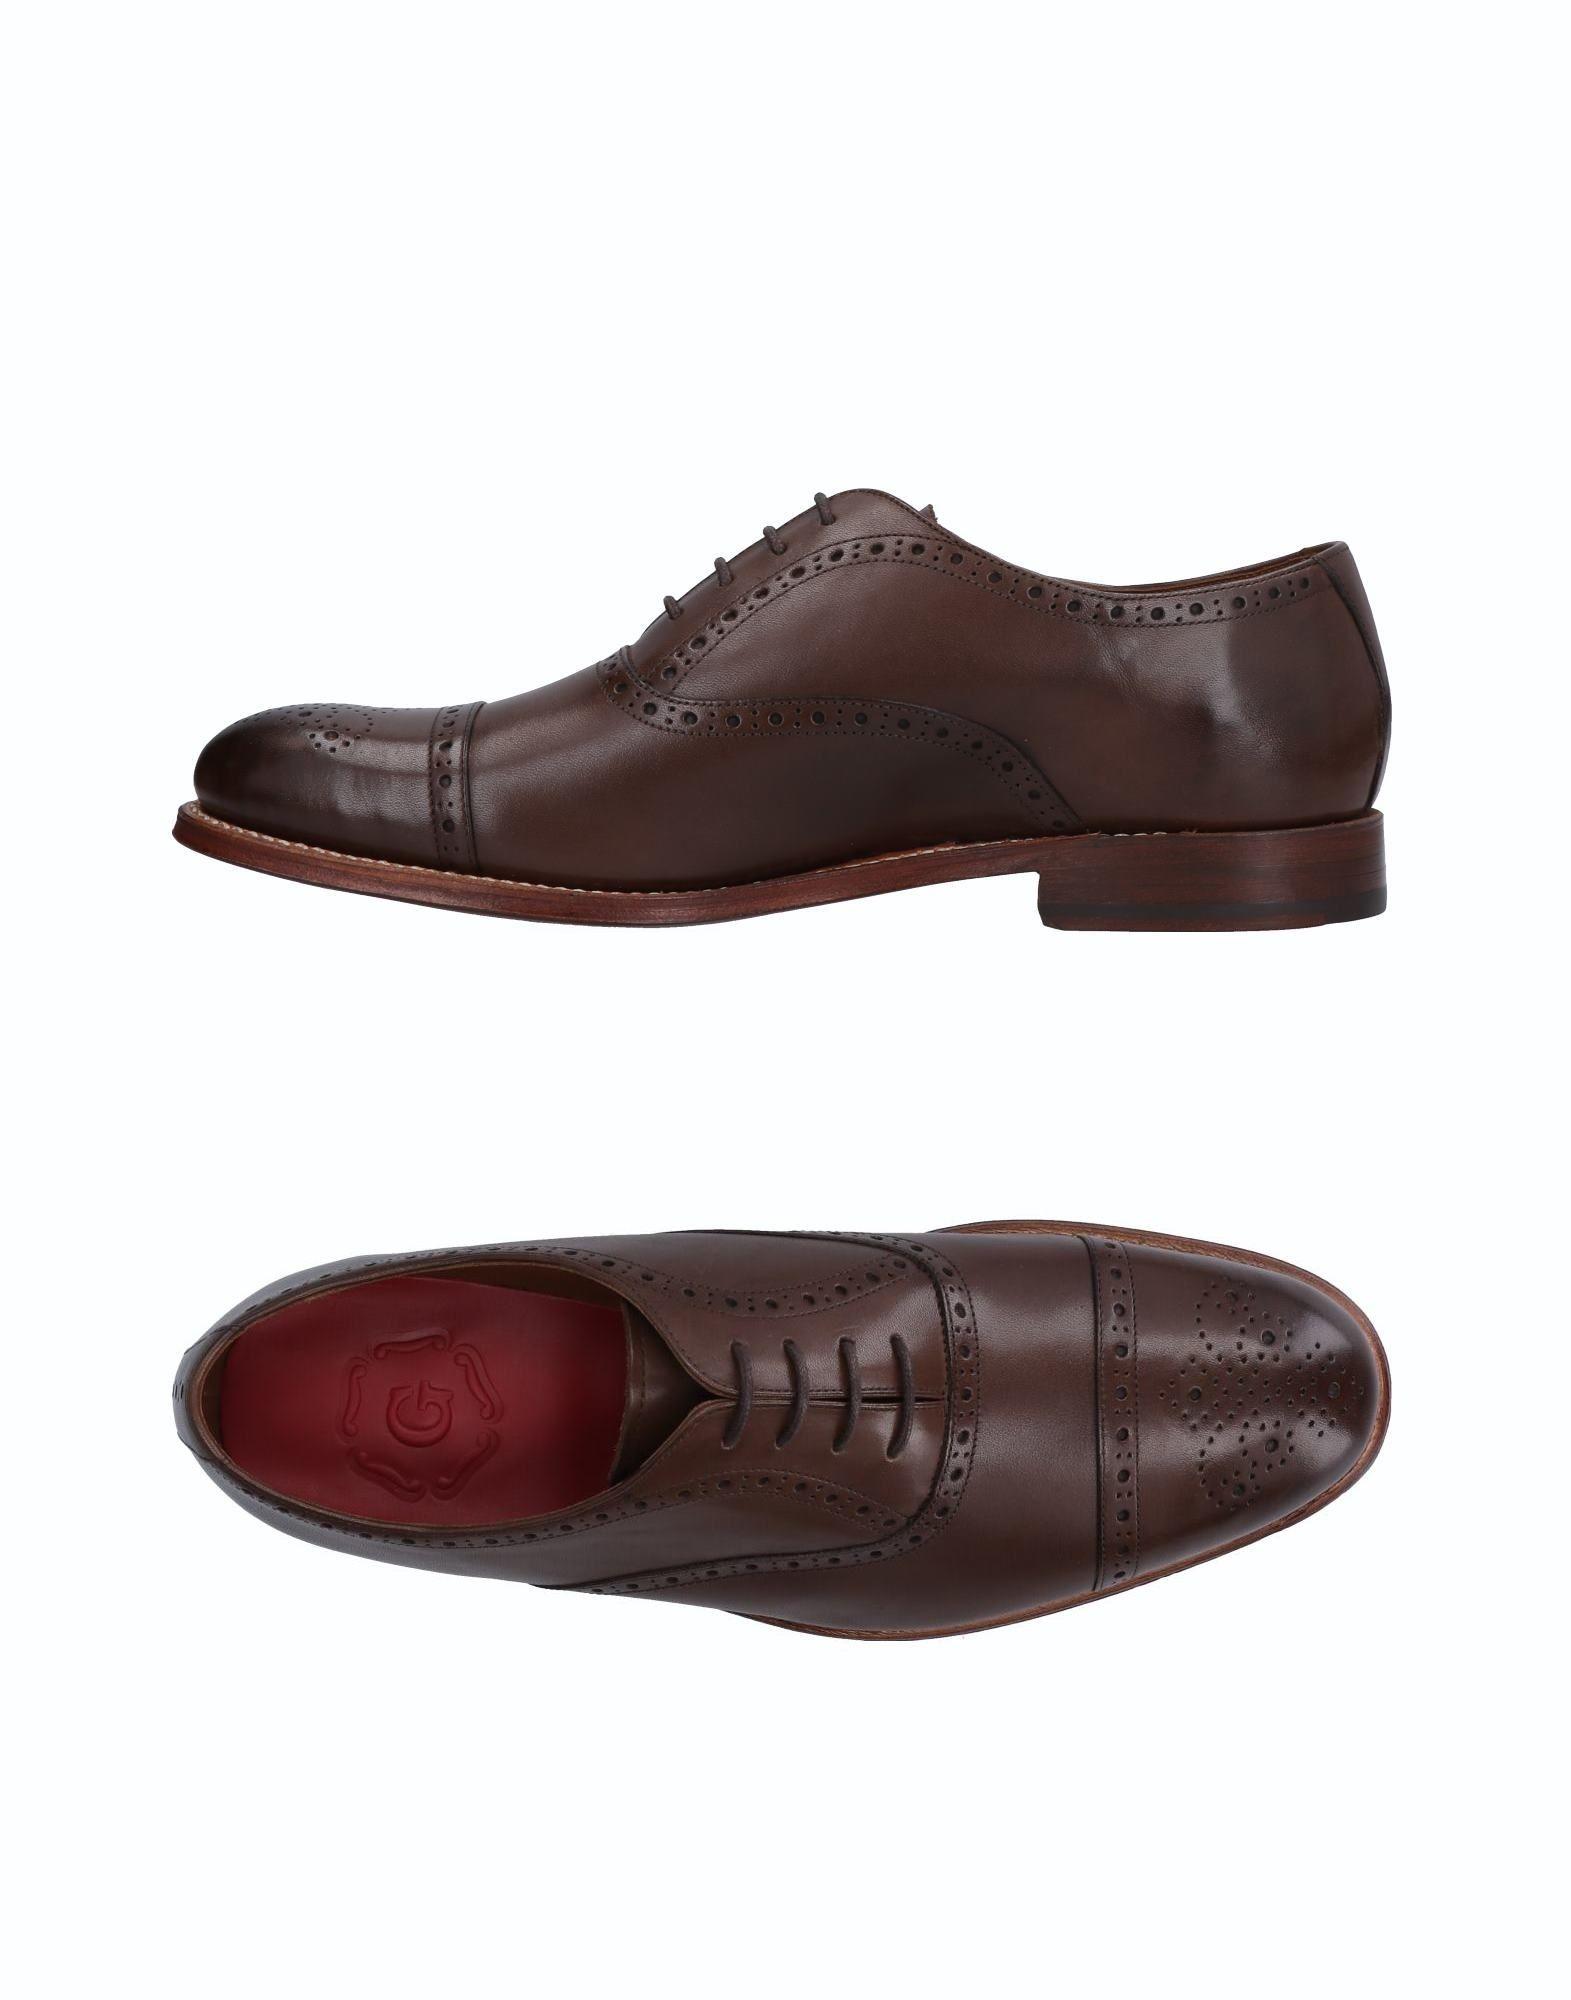 Grenson Schnürschuhe Herren  11505773UD Gute Qualität beliebte Schuhe